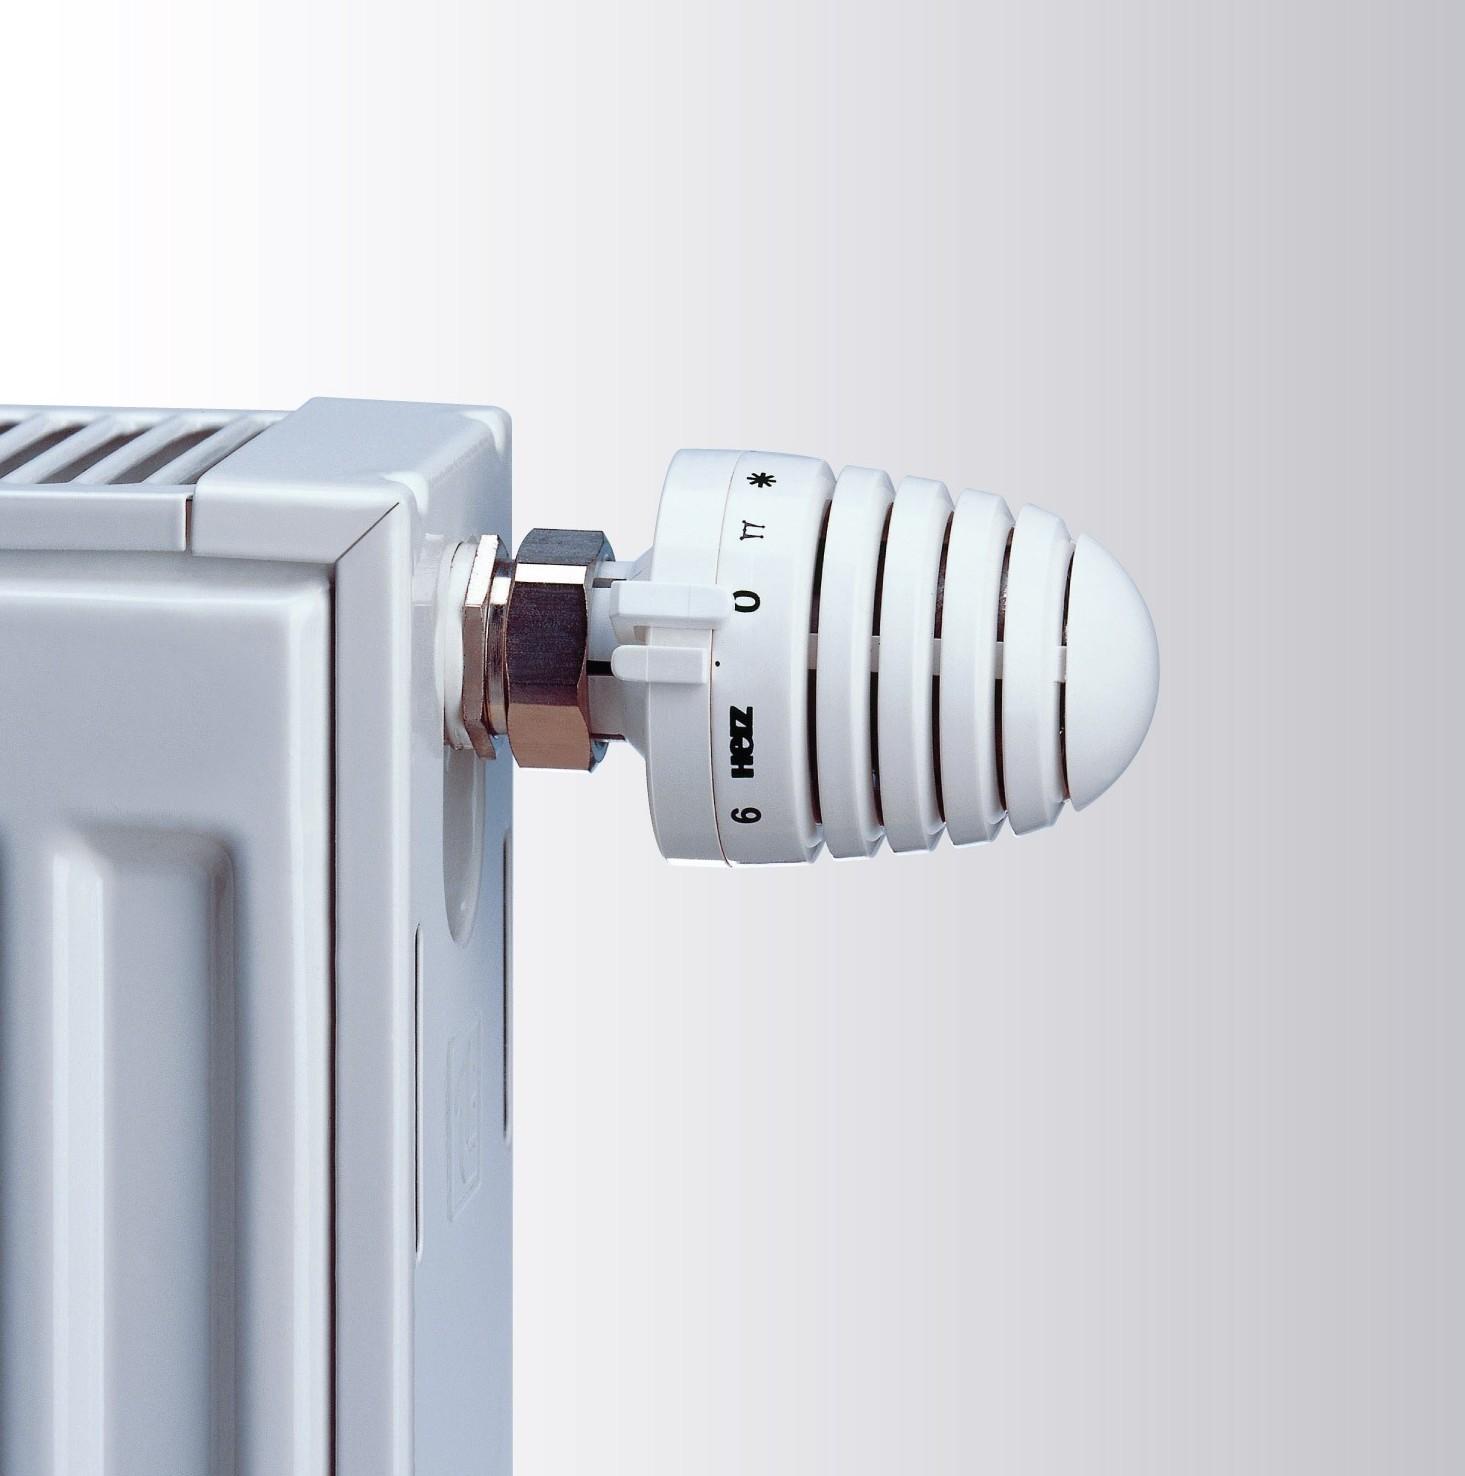 Riscaldamento con valvole termostatiche, divisione spese in condominio